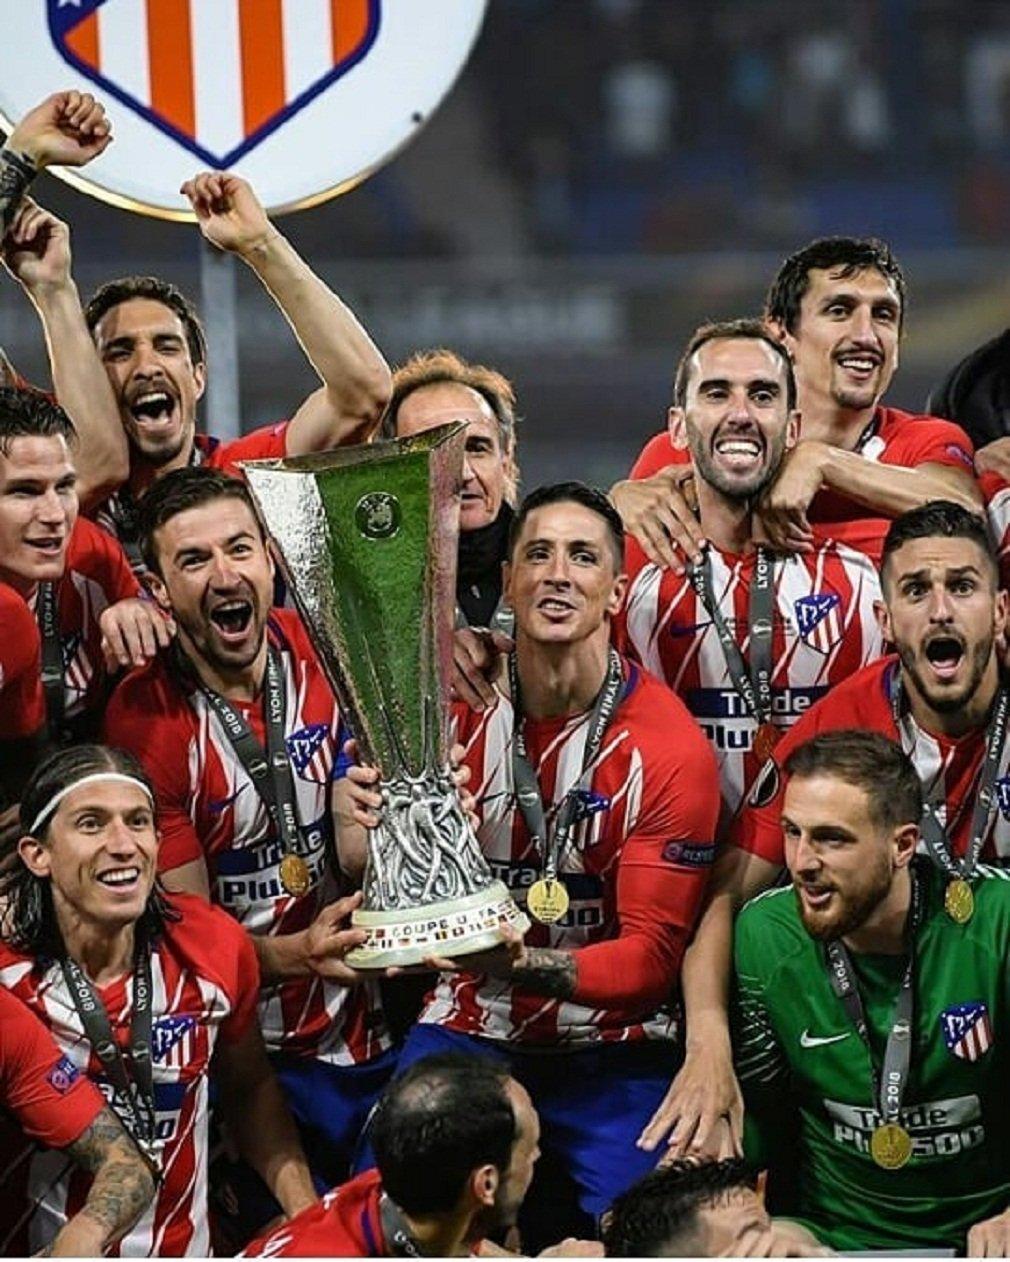 Гарсия: «Марселю» нечего стыдиться поражения вфинале Лиги Европы